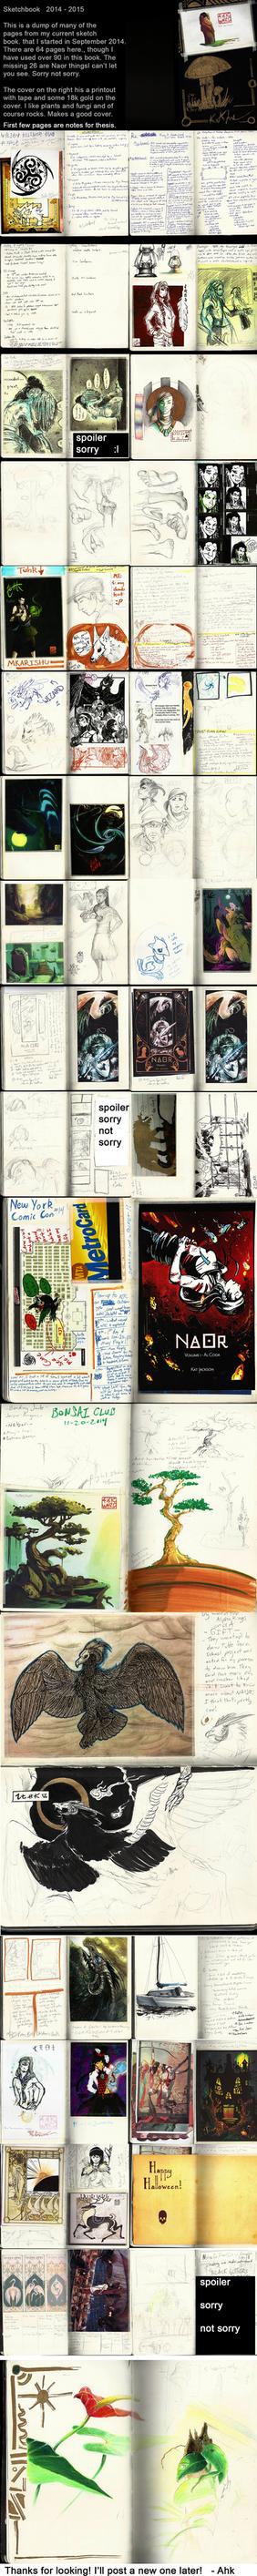 Sketchdump 46: Sketchbook by Ahkward